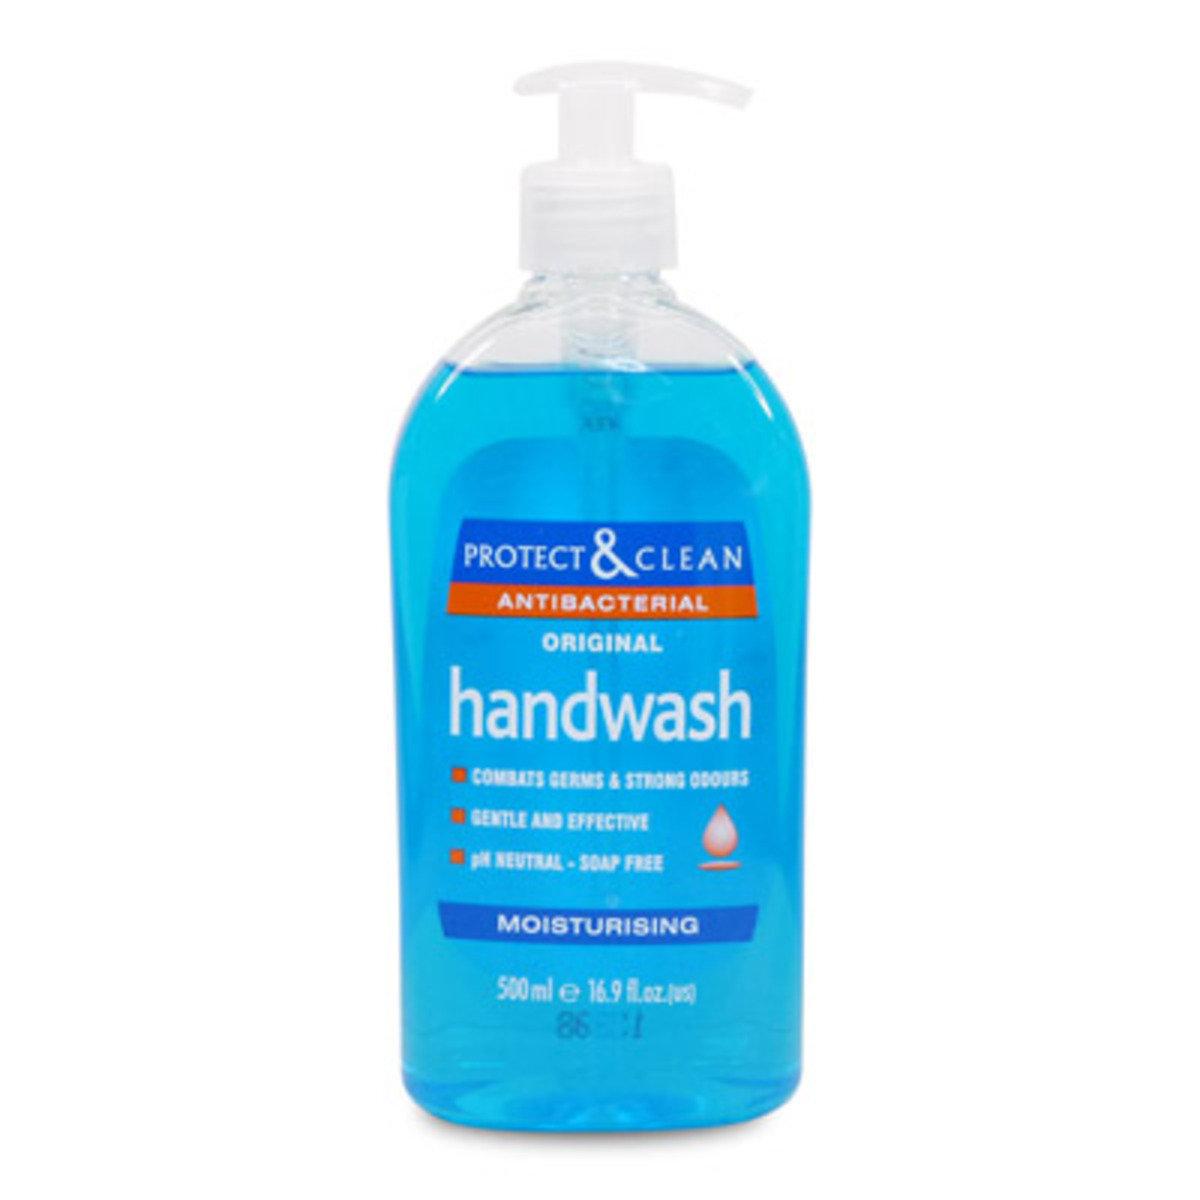 抗菌洗手液 - 原味